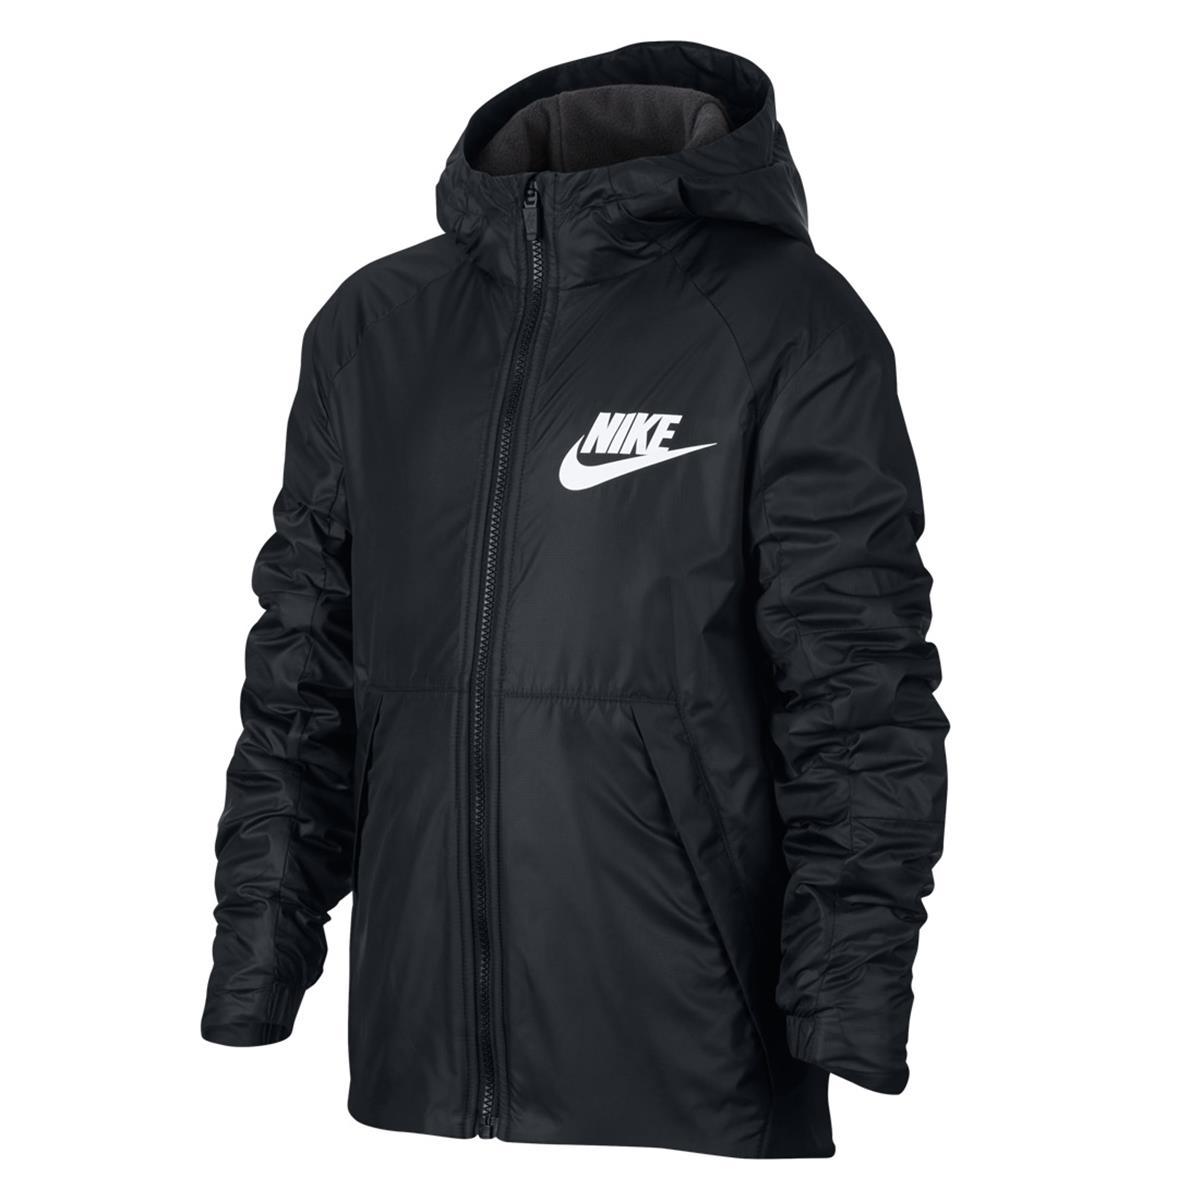 nike fleece lined boys jacket. Black Bedroom Furniture Sets. Home Design Ideas